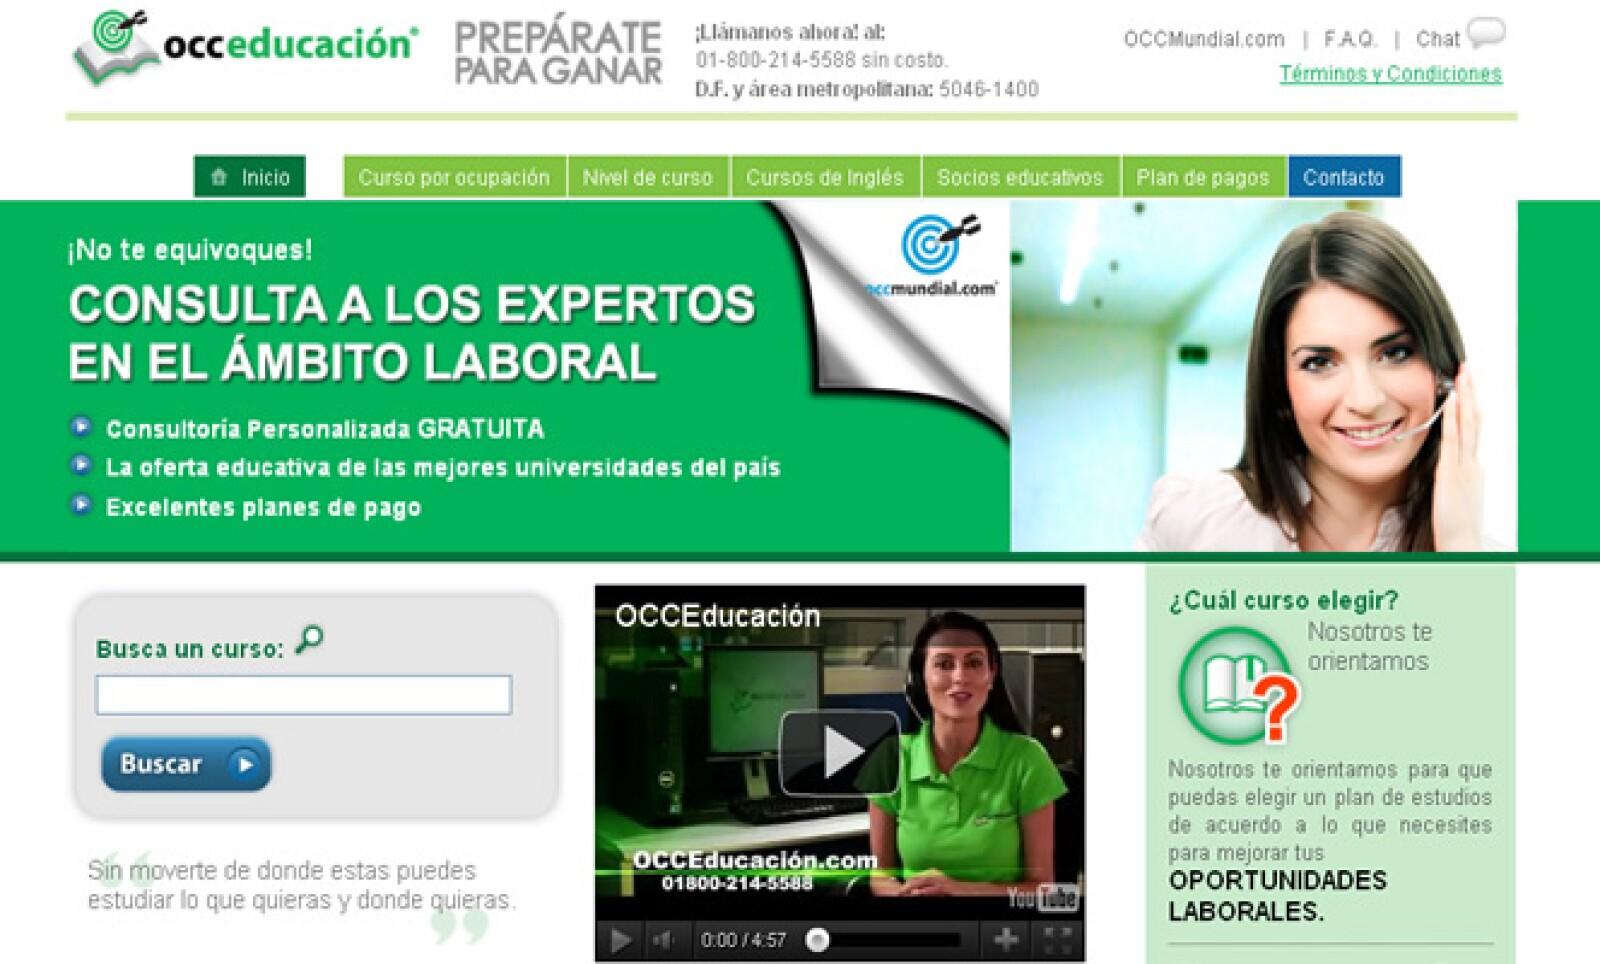 Uno de los servicios digitales que da OCCMundial, consiste en proveer asesoría personalizada a los usuarios para que incrementen su competitividad a través de la educación.